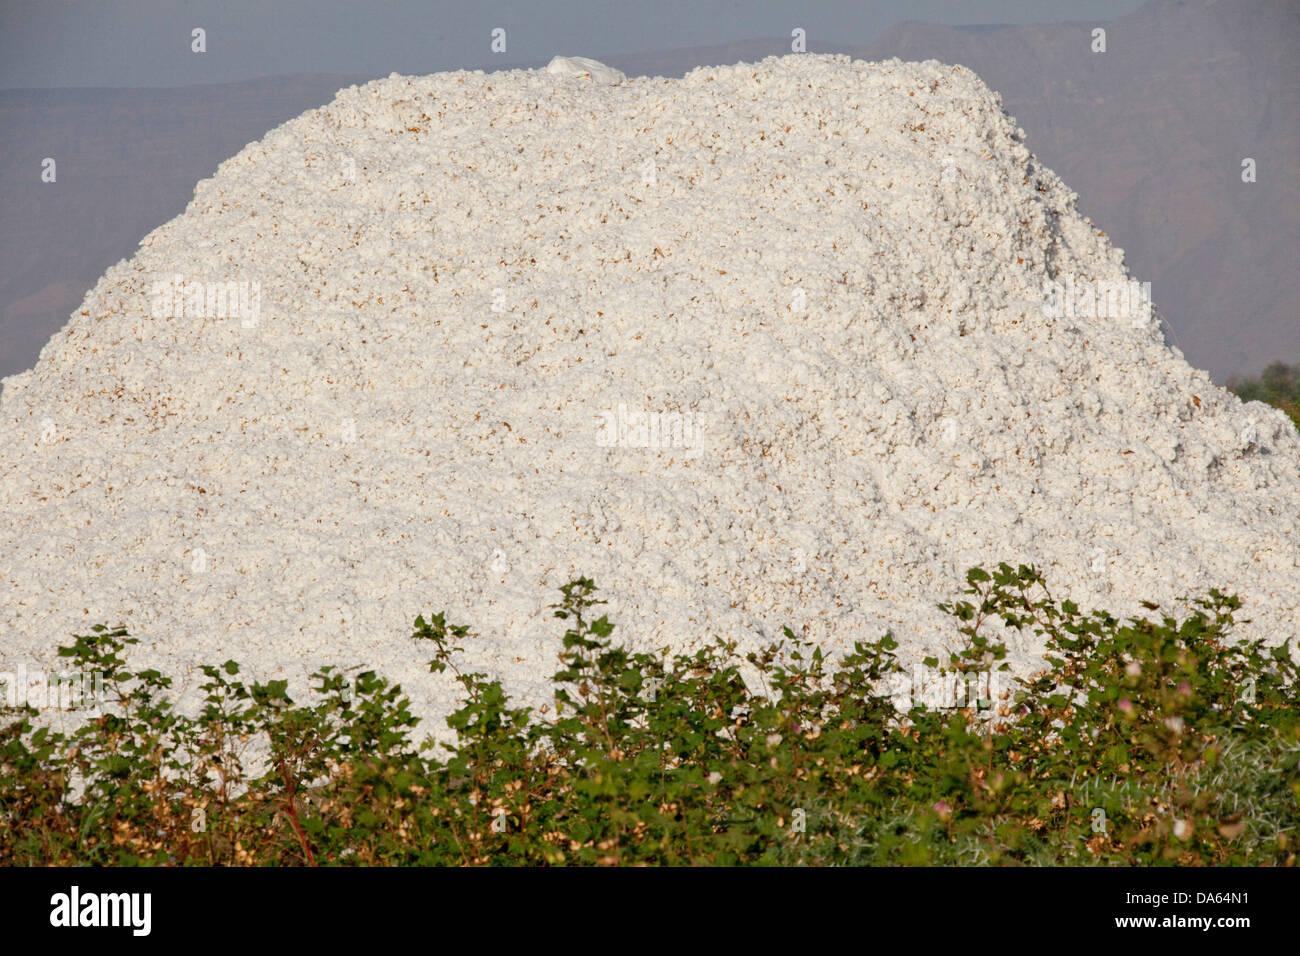 Le coton, la récolte, la récolte, l'Afrique, l'agriculture, de l'Éthiopie, Photo Stock